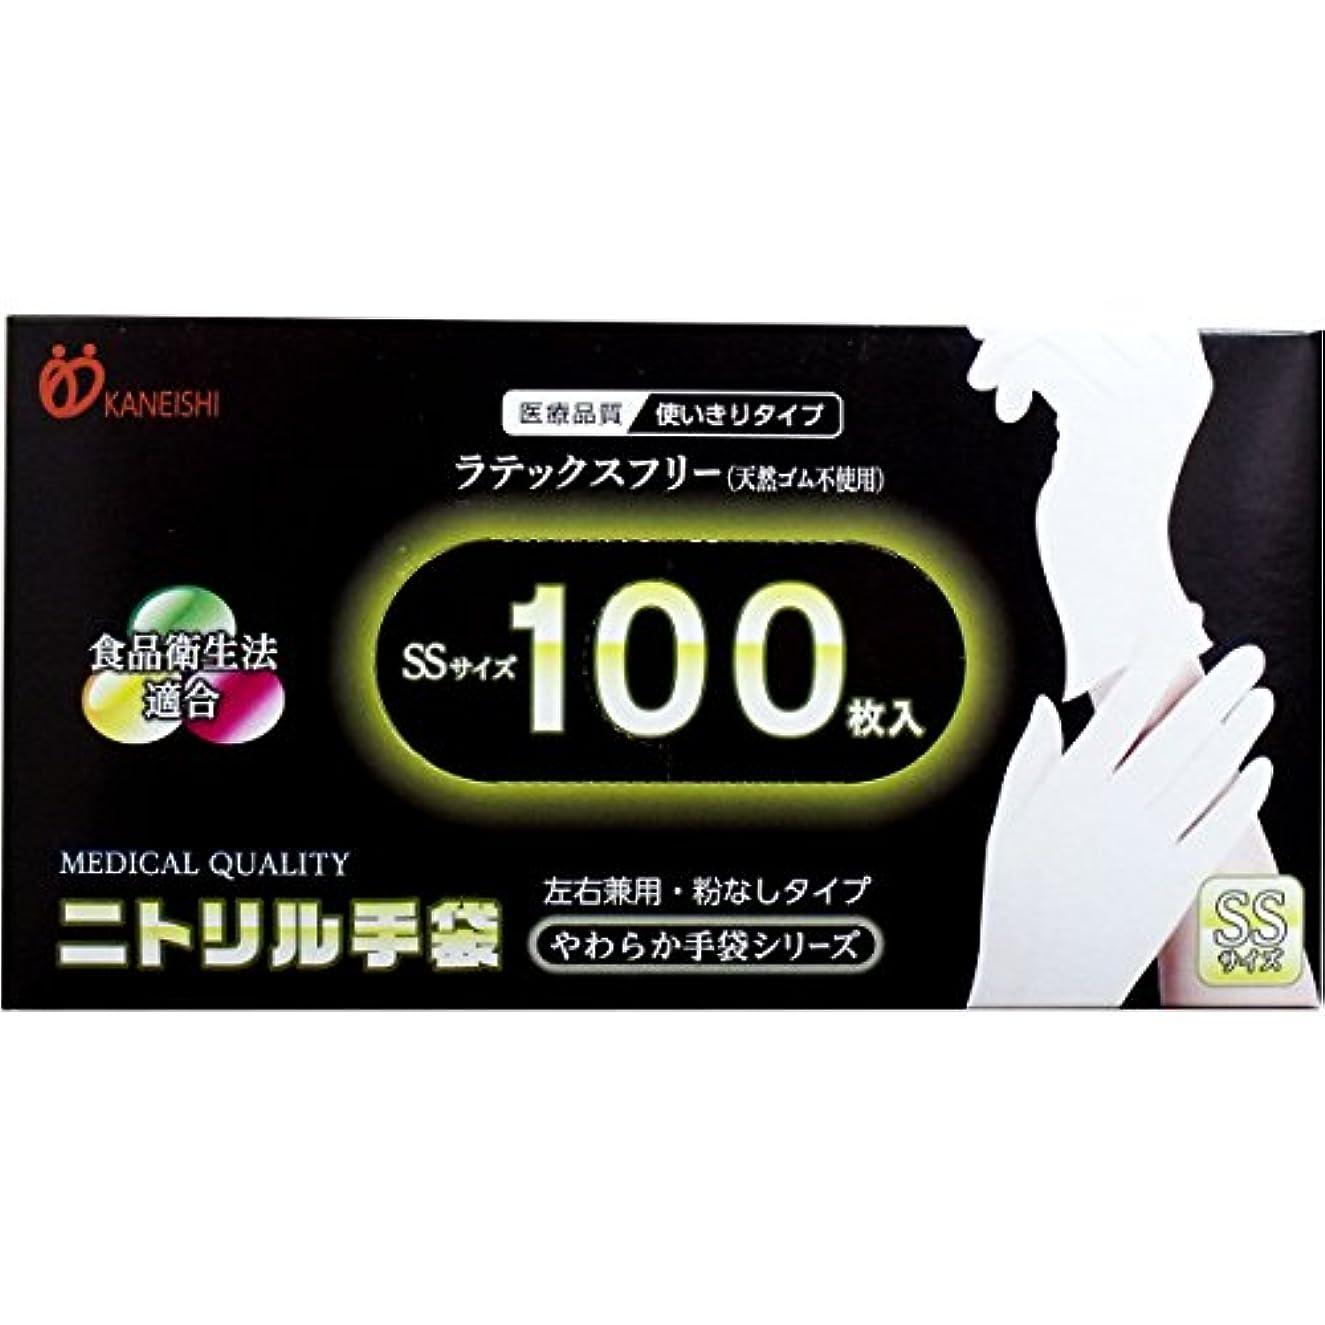 細分化する質素な軌道天然ゴム 手袋 指先の感覚を大切に 衛生的 やわらかニトリル手袋 パウダーフリー 100枚入 SSサイズ【5個セット】